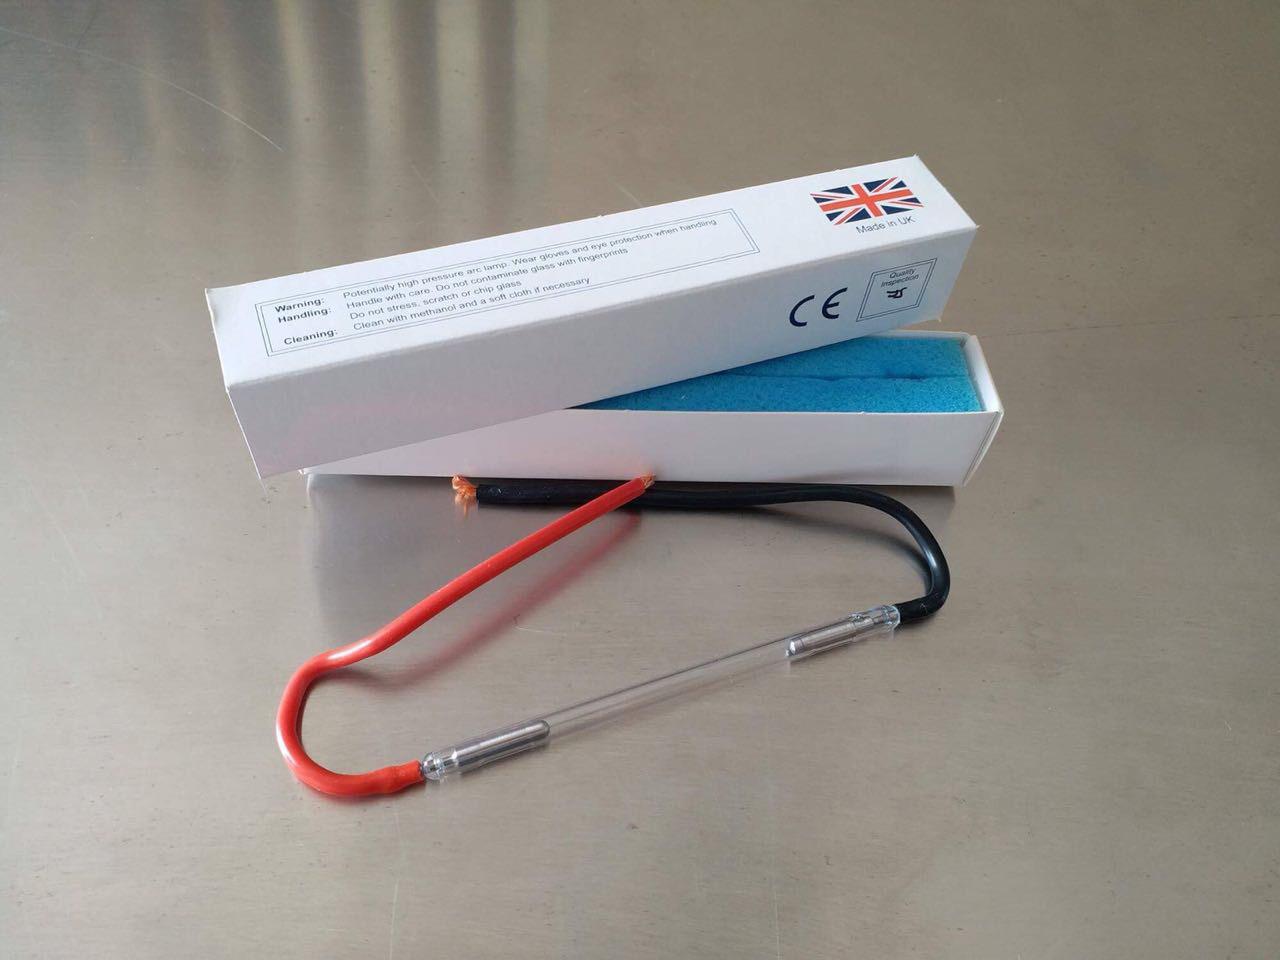 Сменные лампы для ipl shr opt (ELOS) на 300000 -500000 вспышек! Англия.